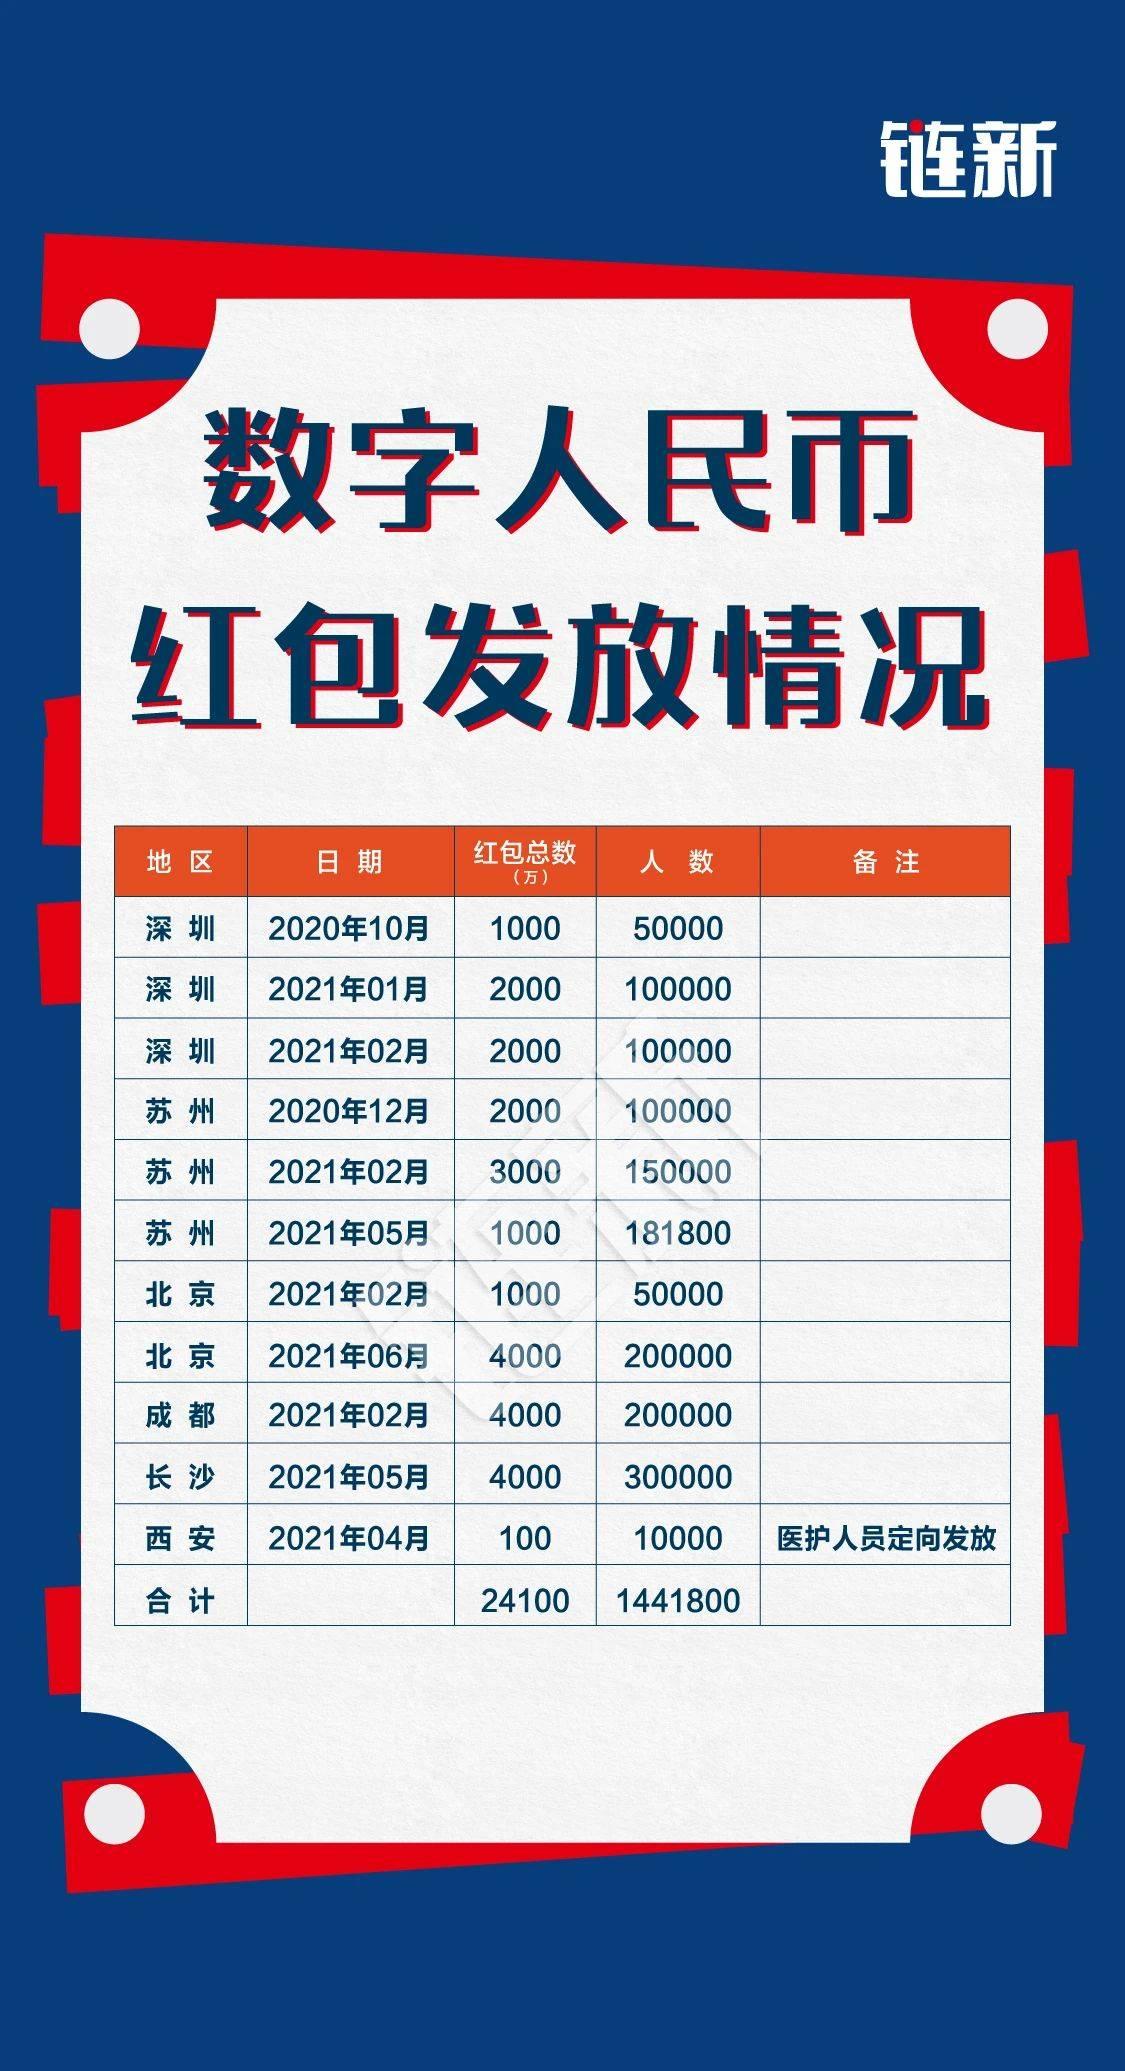 """数字人民币""""拉新"""" 6城市合计发2.4亿红包"""